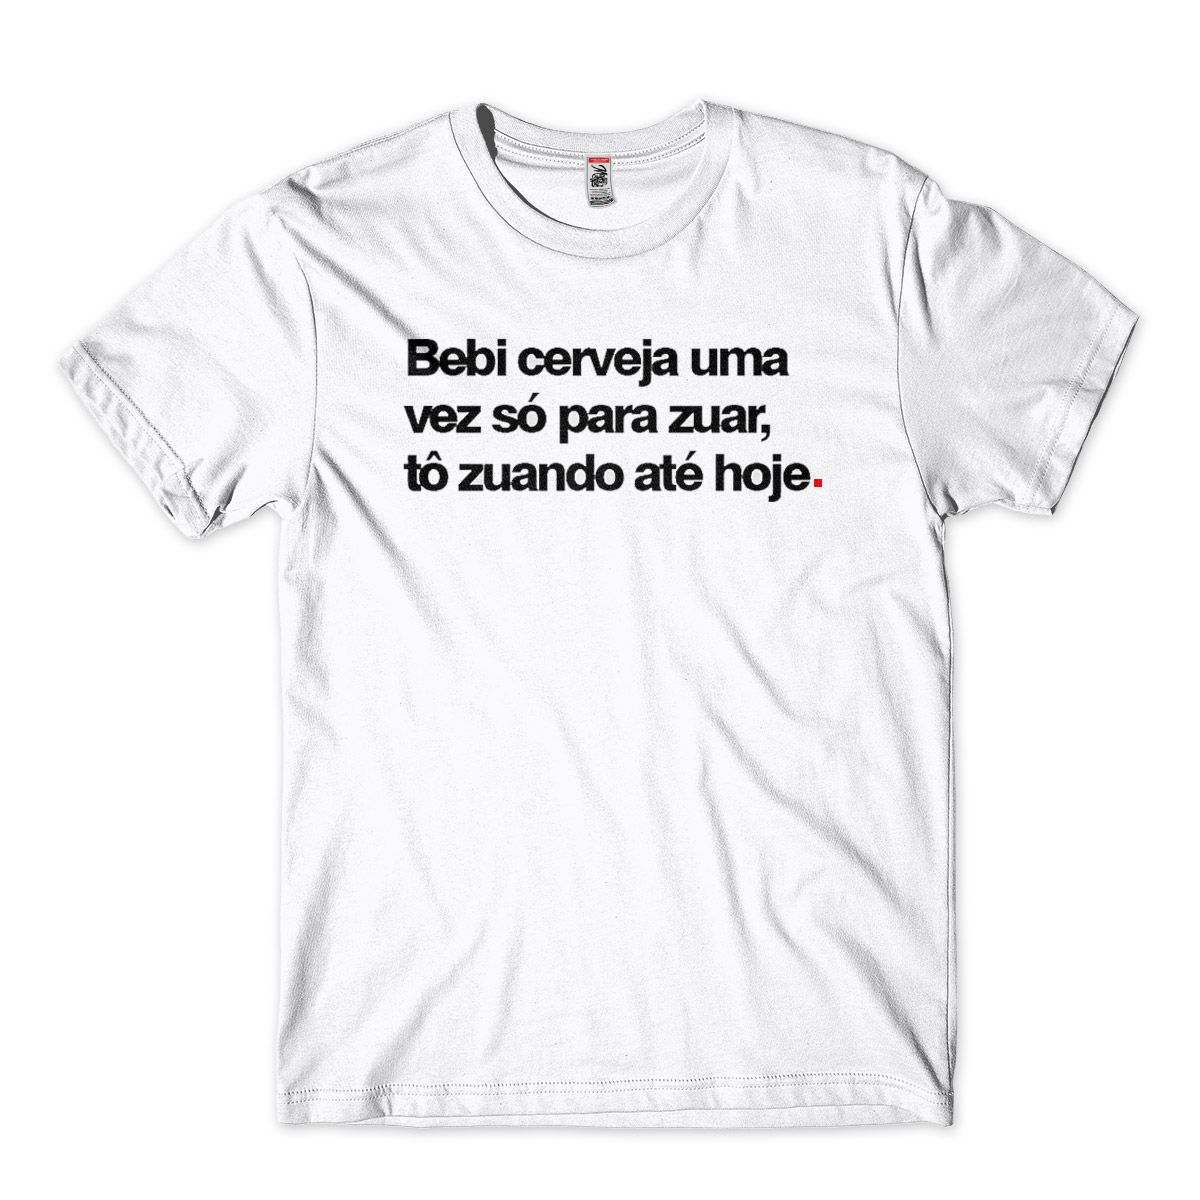 Camiseta bebi cerveja uma vez so pra zuar